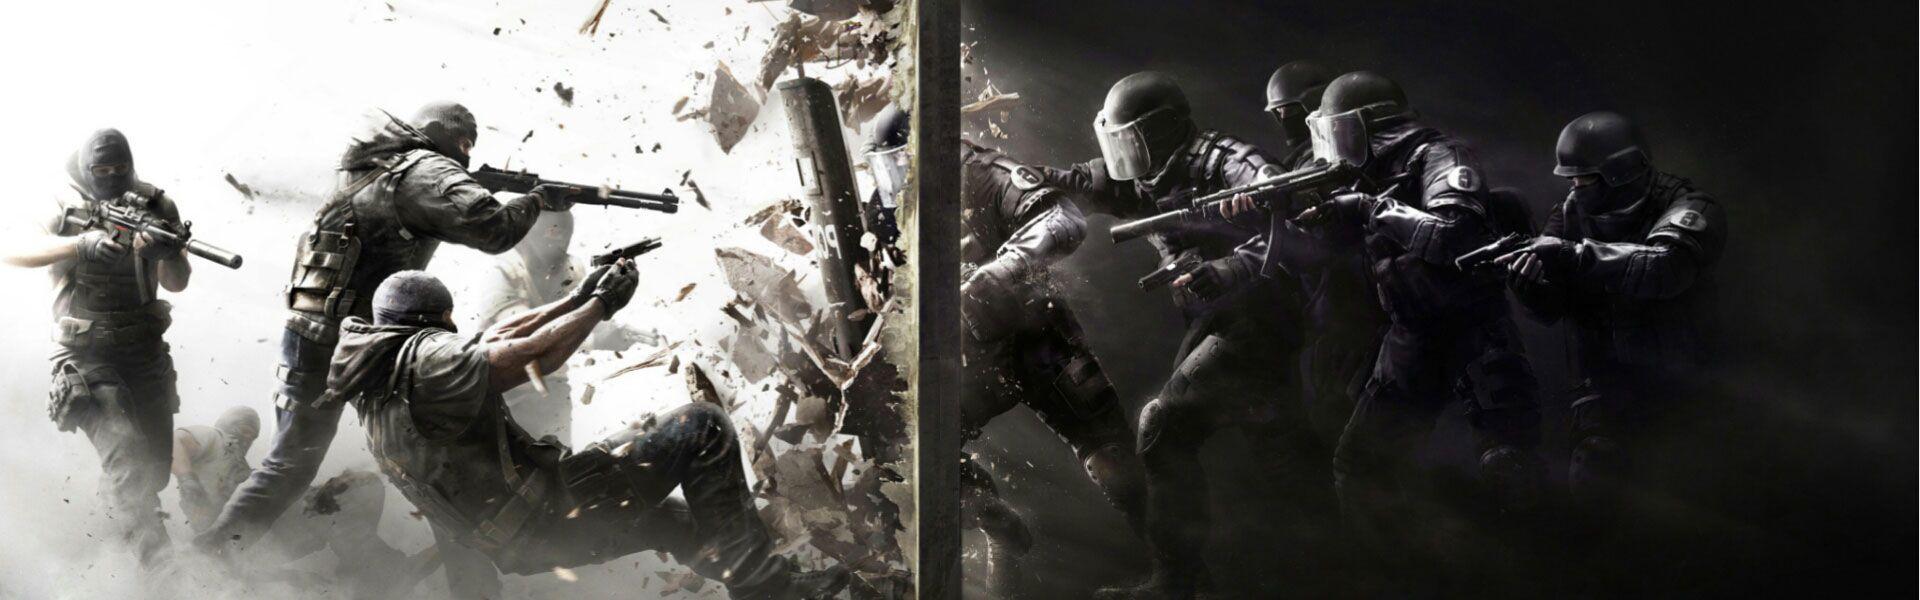 Rainbow Six Siege'in yeni güncellemesi PS4'ü bozuyor!